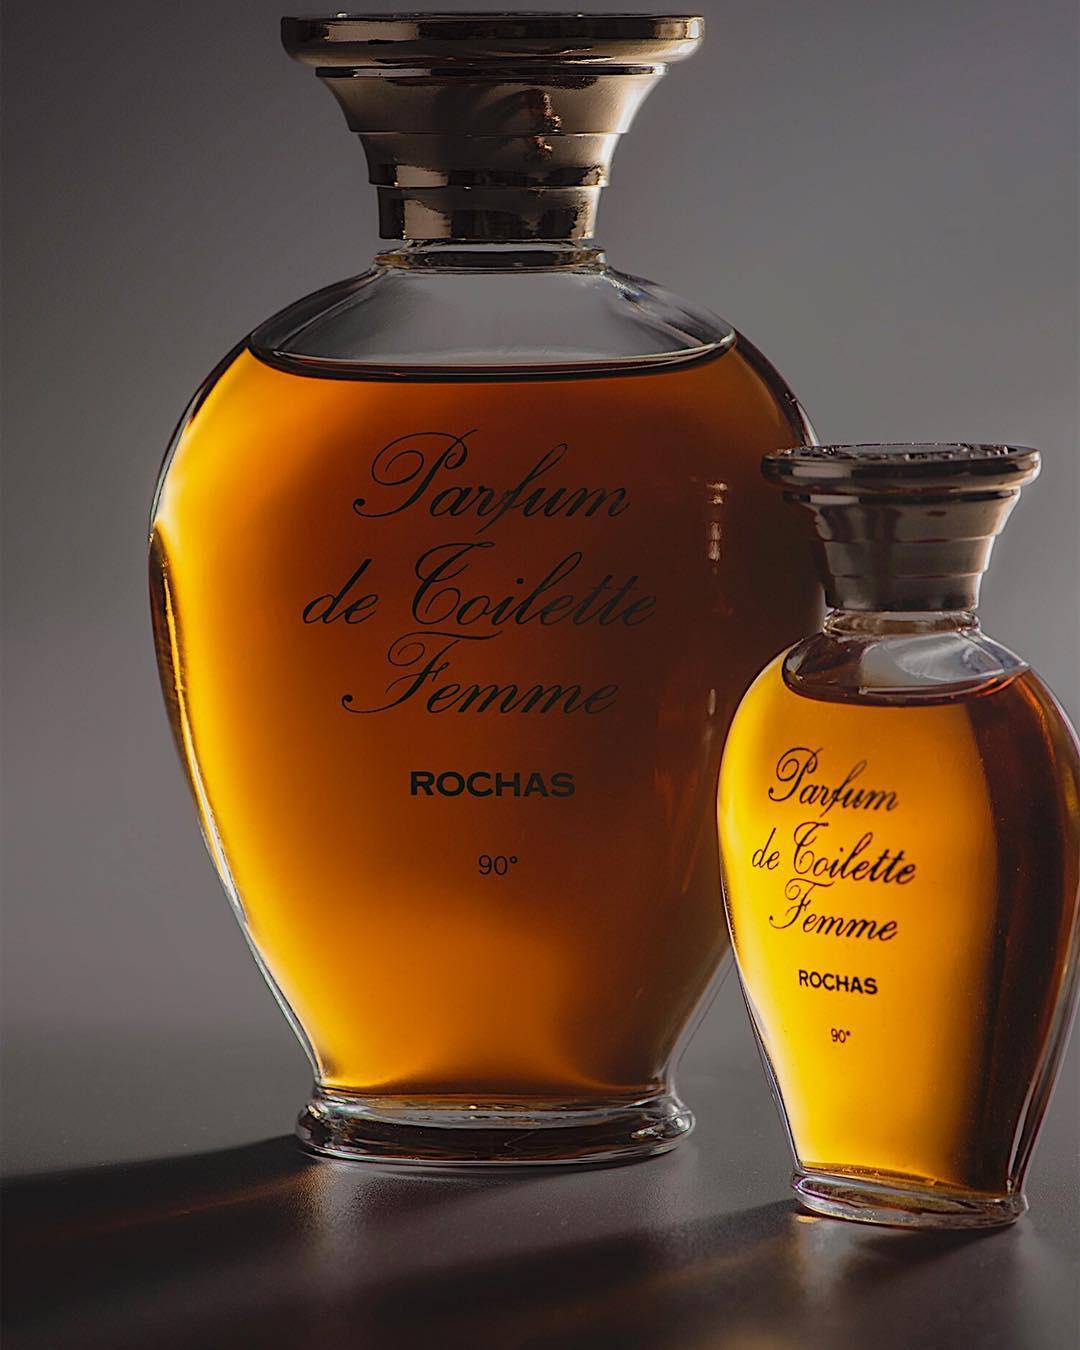 Rochas Femme parfum de toilette bottles